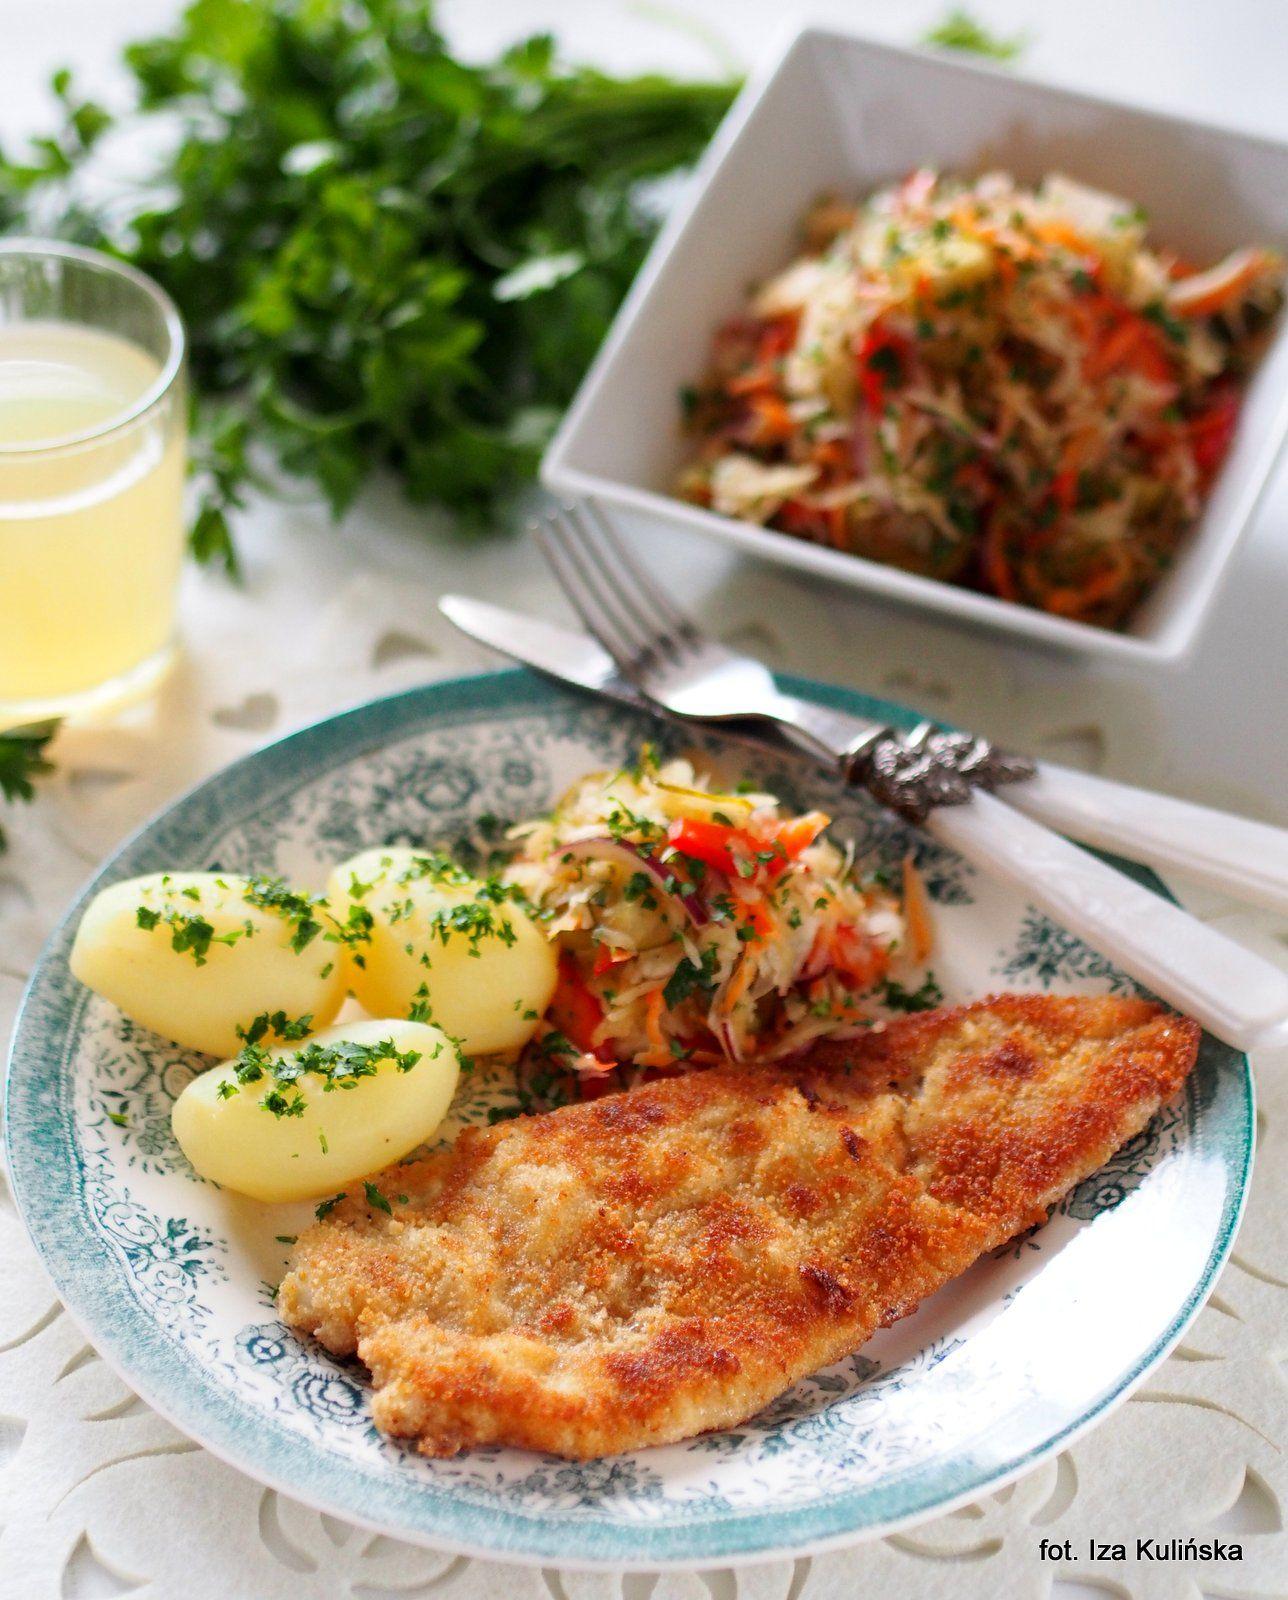 Dorsz Cytrynowy Panierowany Smażony Food Of Poland